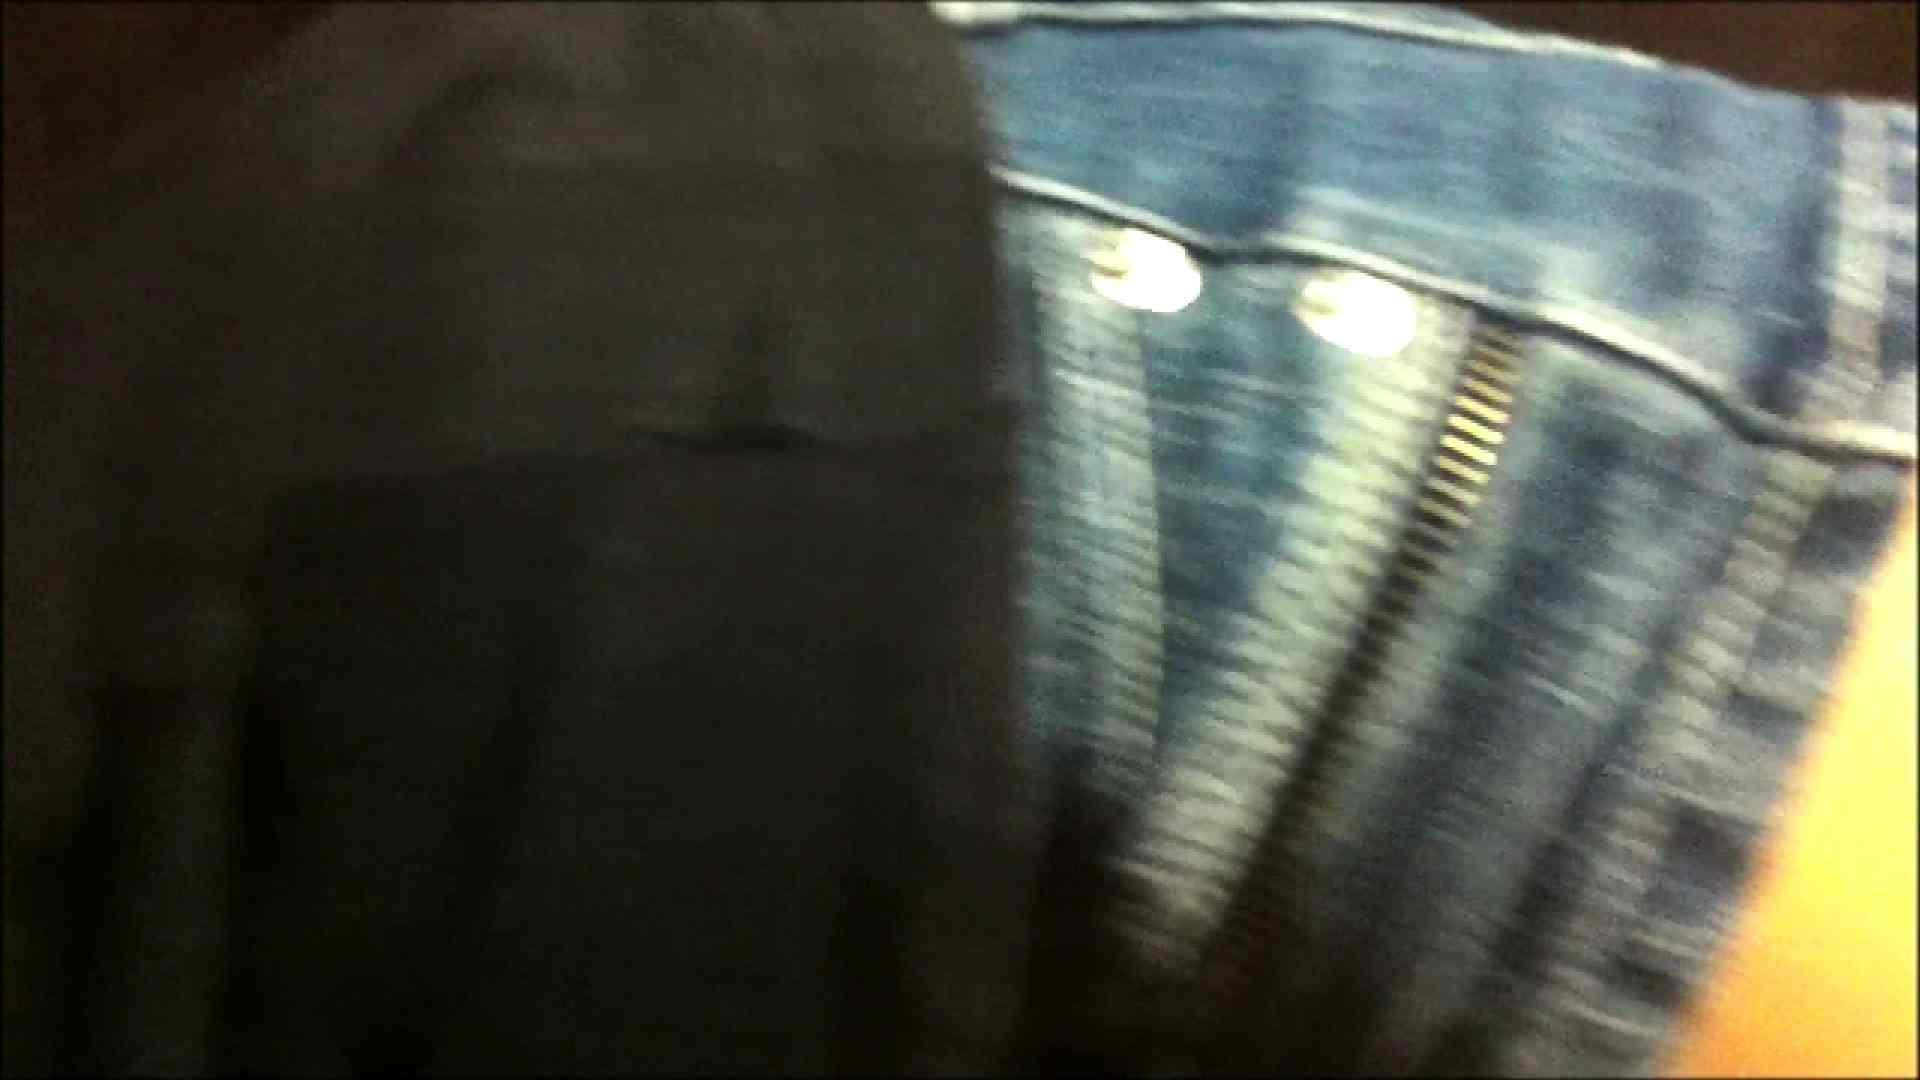 魔術師の お・も・て・な・し vol.04 美脚の店員さん 独身エッチOL   0  110pic 50